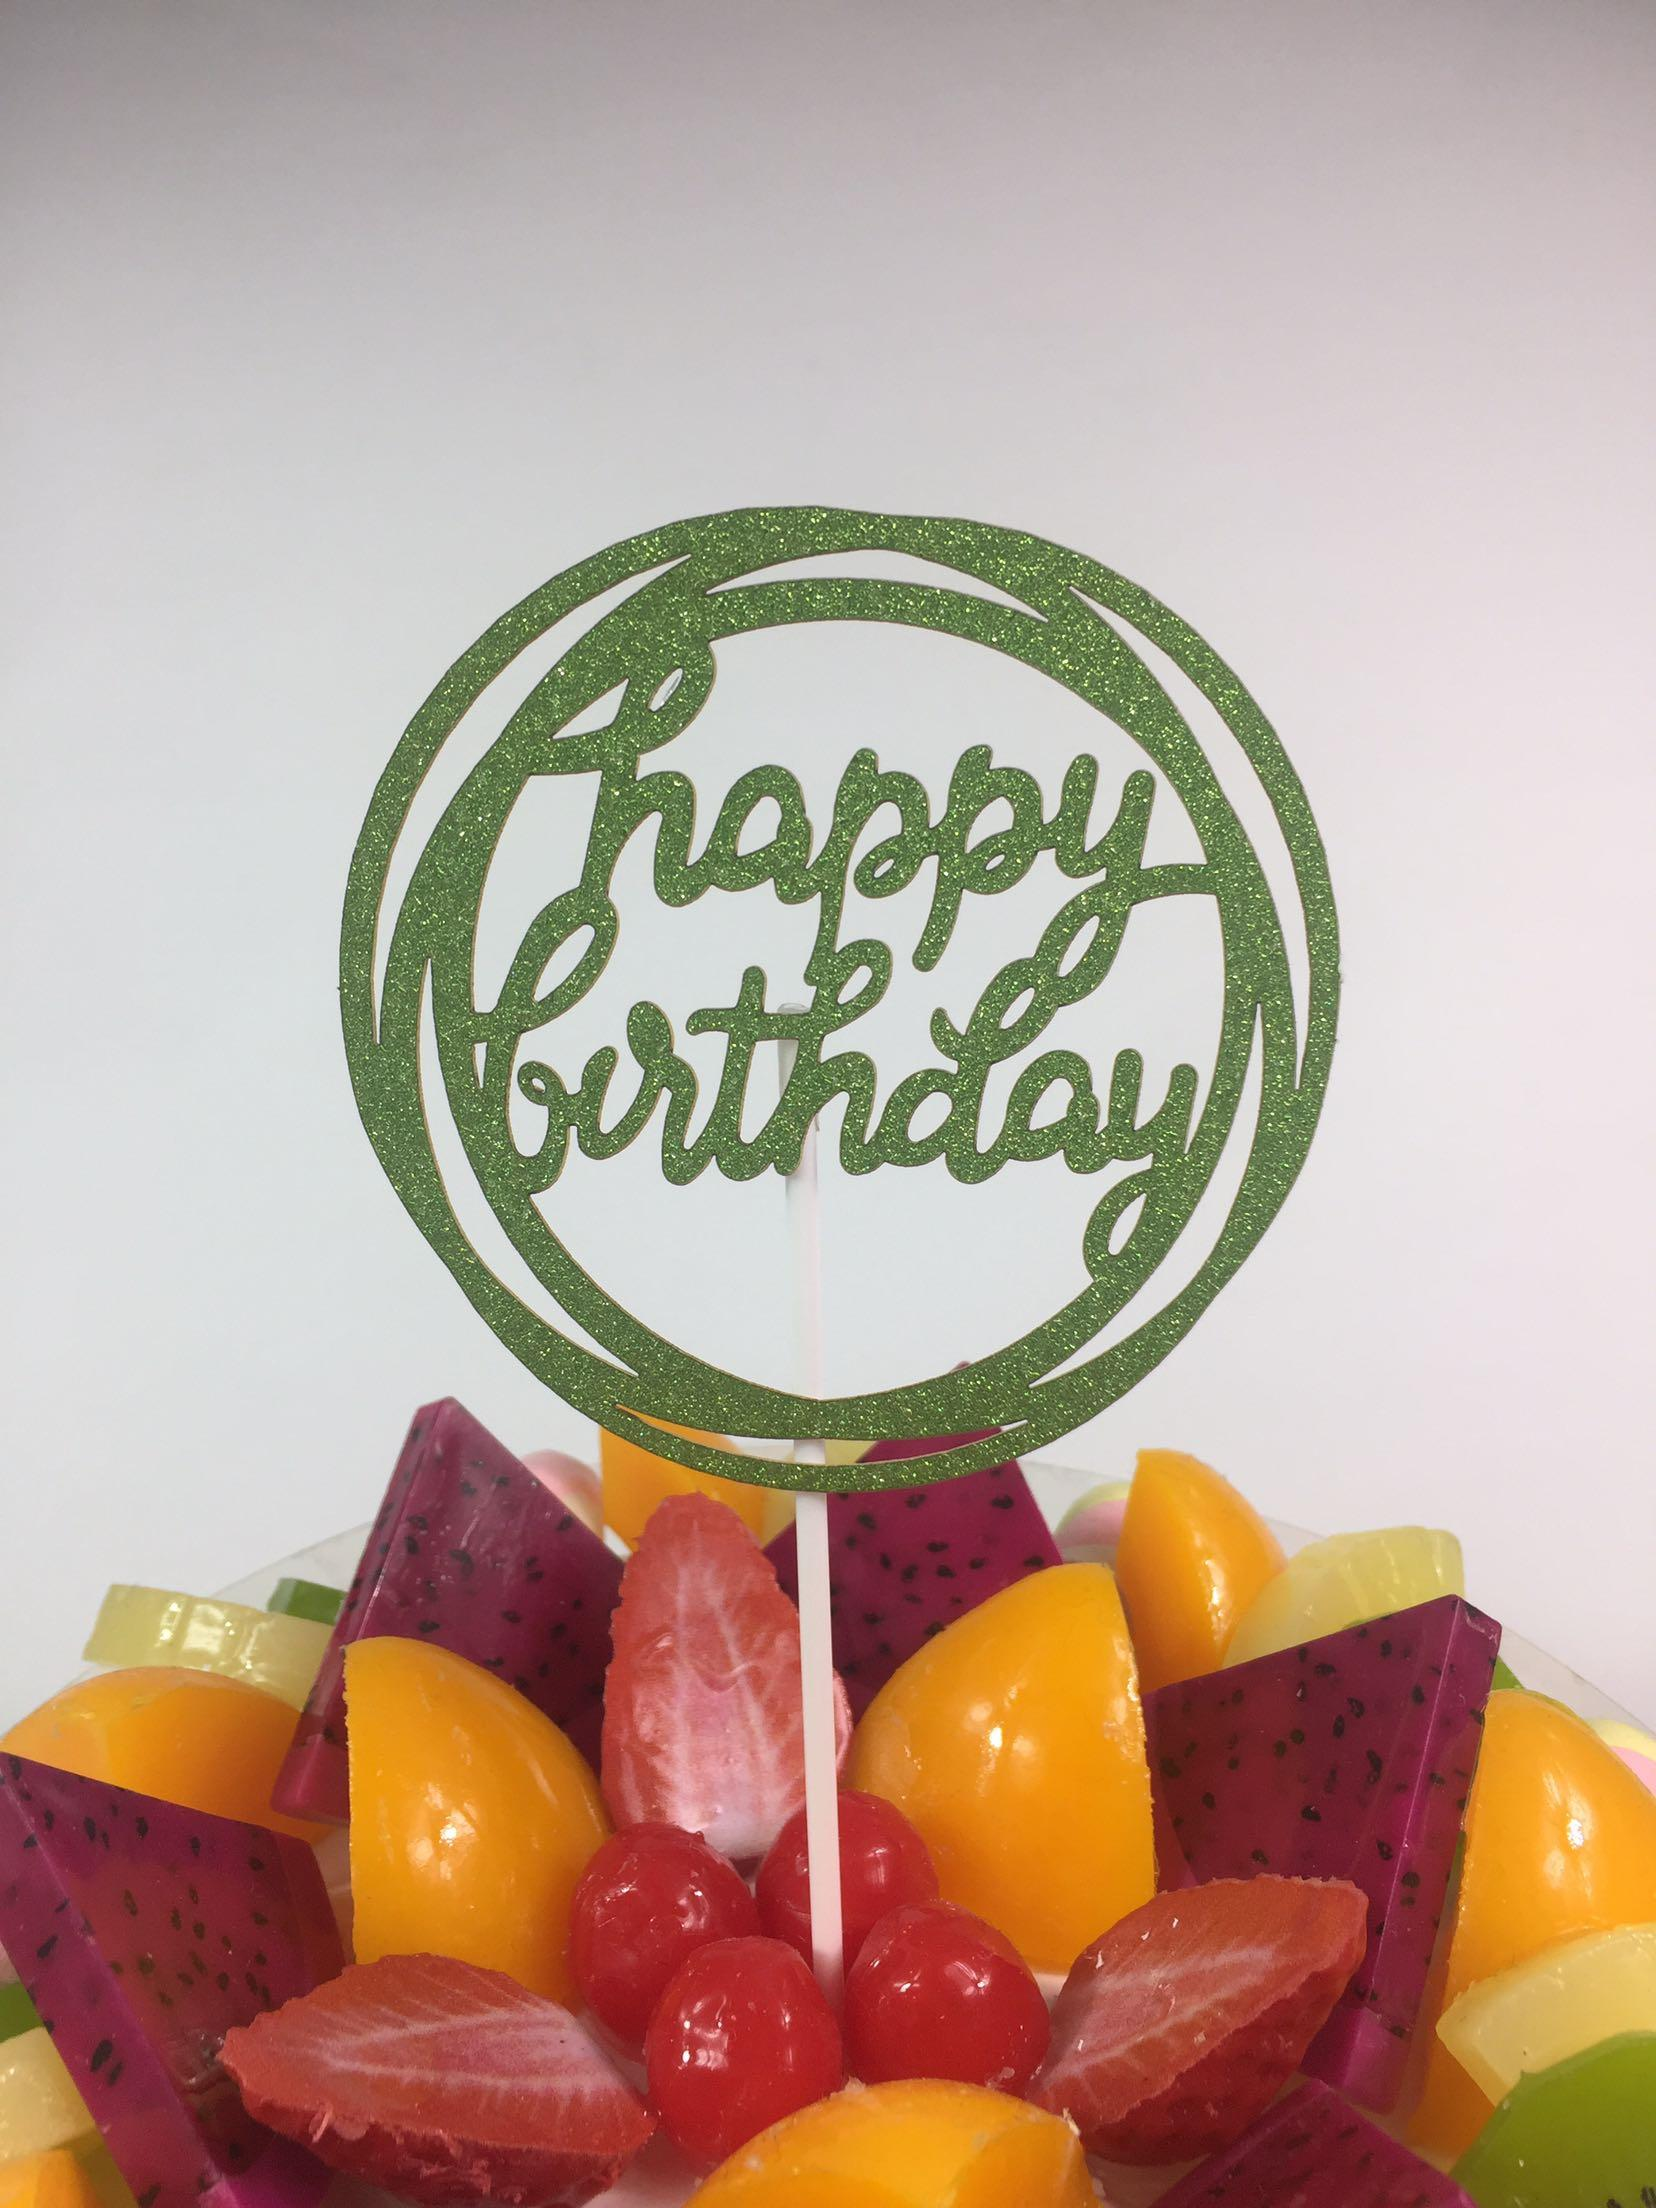 Kuchen-Kuchen-Deckel-Karte Mode-Goldsplitter Geburtstag Hausdekor, Liebe Backen Kuchen glücklich nach Hause 1pc neue Neuheit Acryl Party Supplies